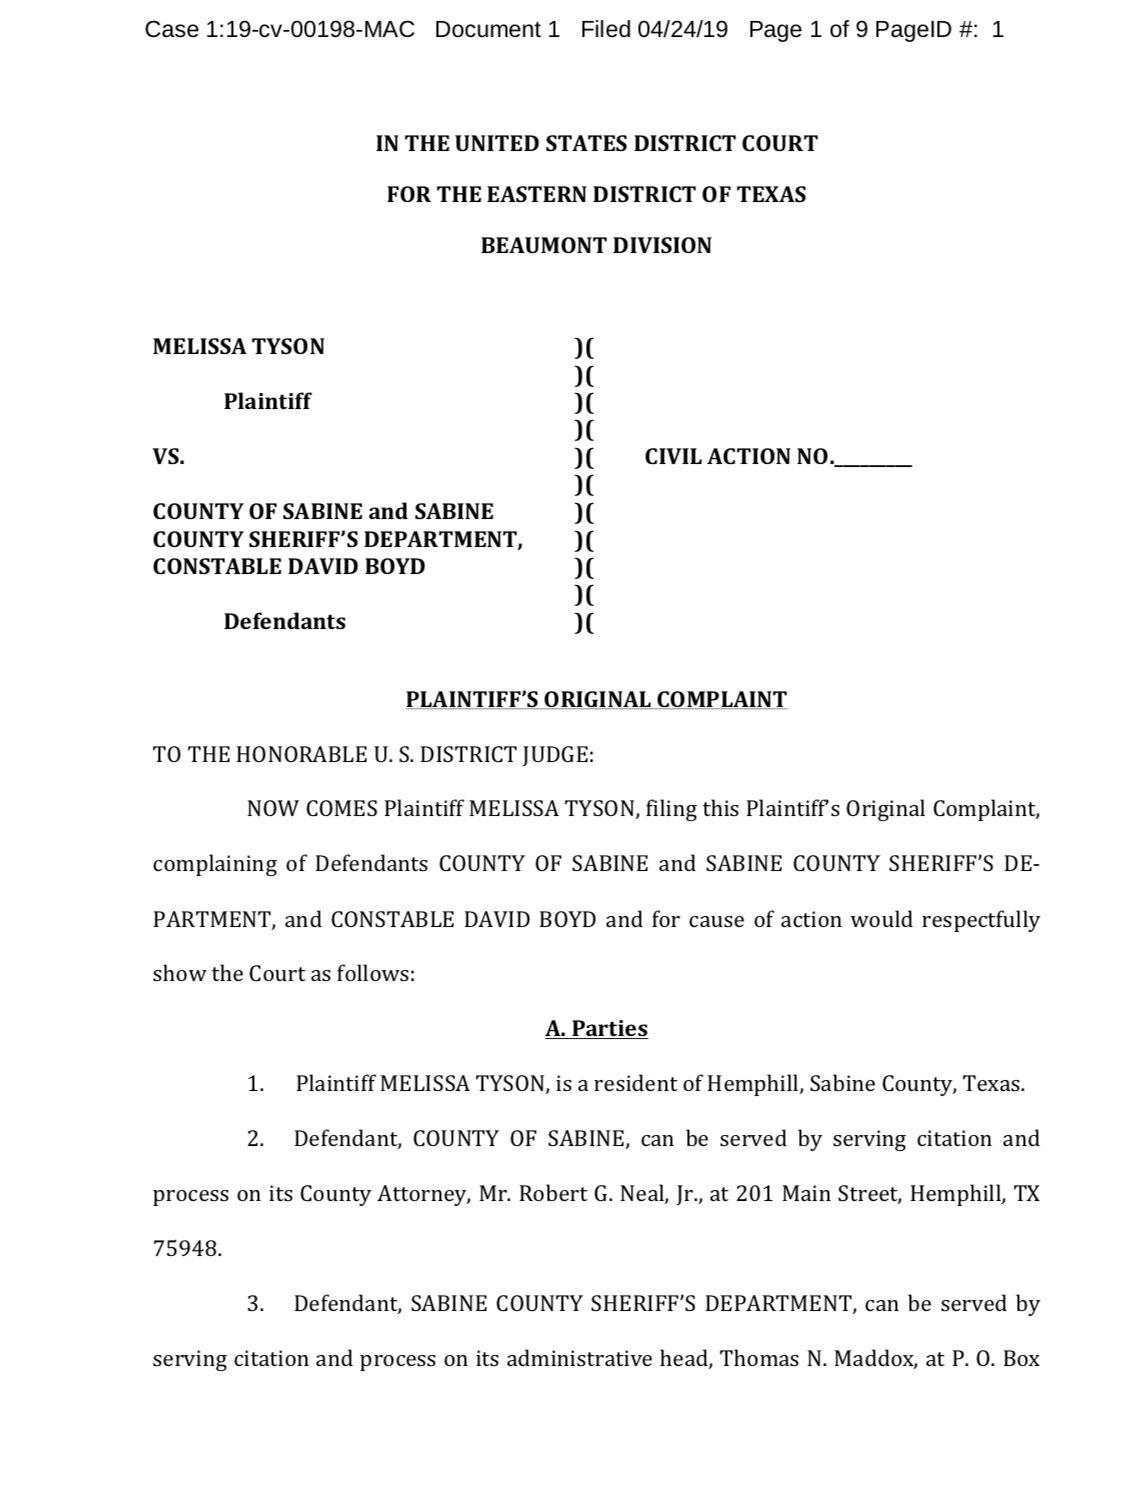 Plaintiff's Original Complaint page 1